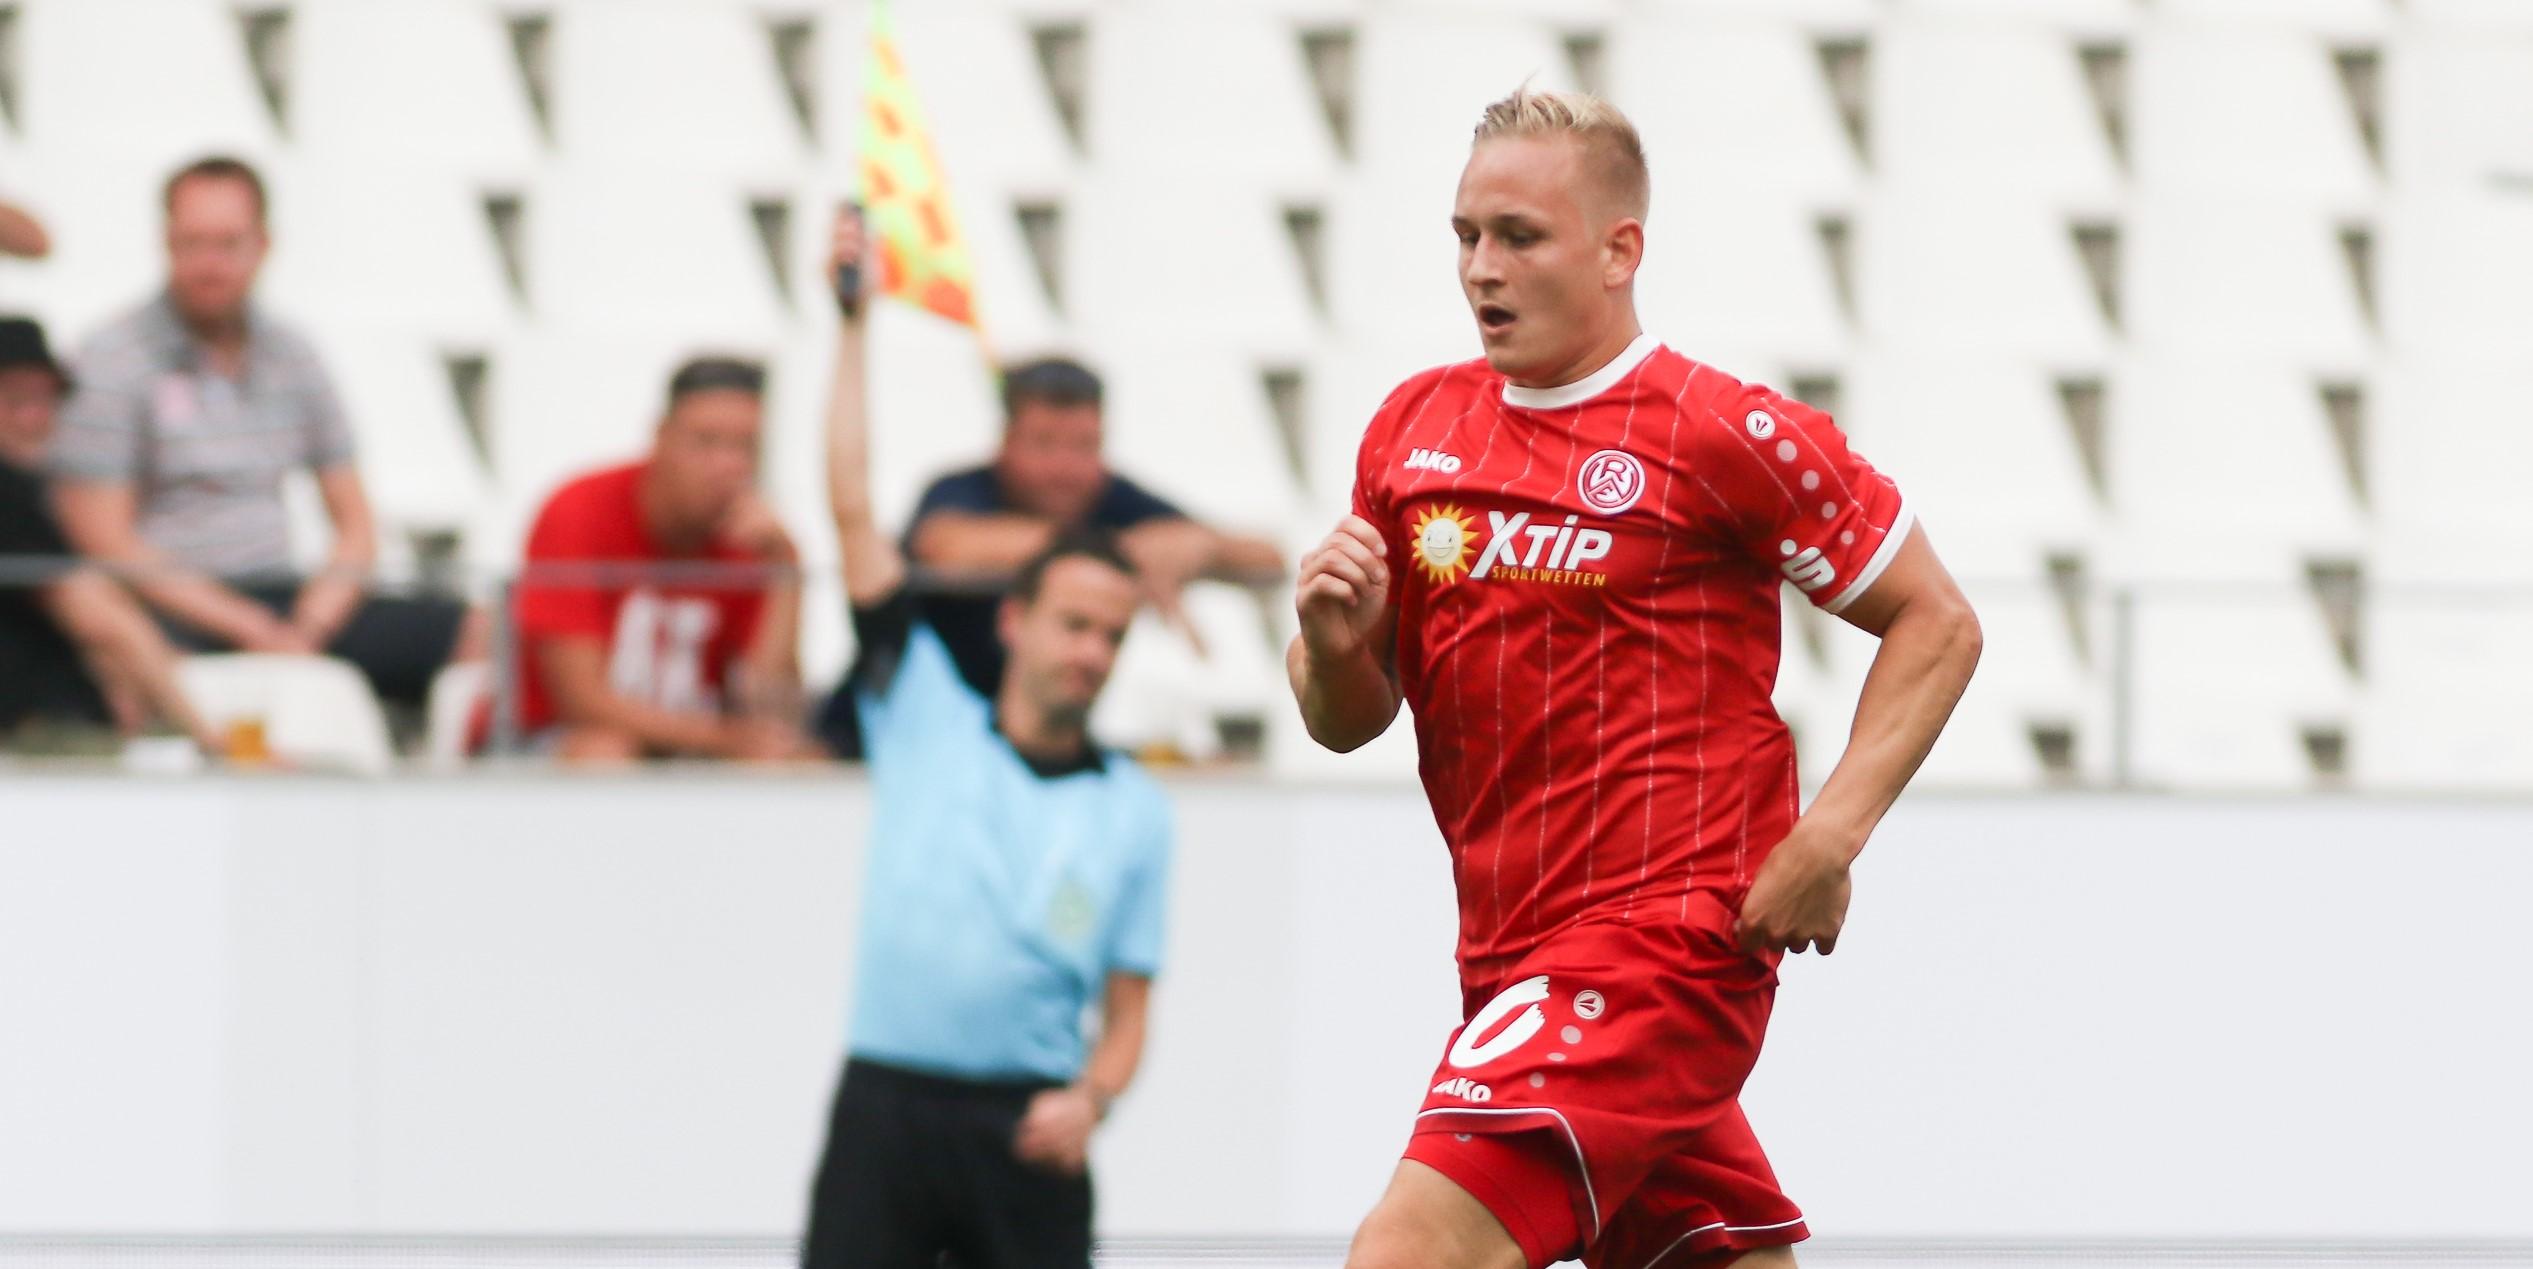 Kai Pröger erhielt im Spiel gegen den SV Lippstadt eine Rote Karte. (Foto: Endberg)